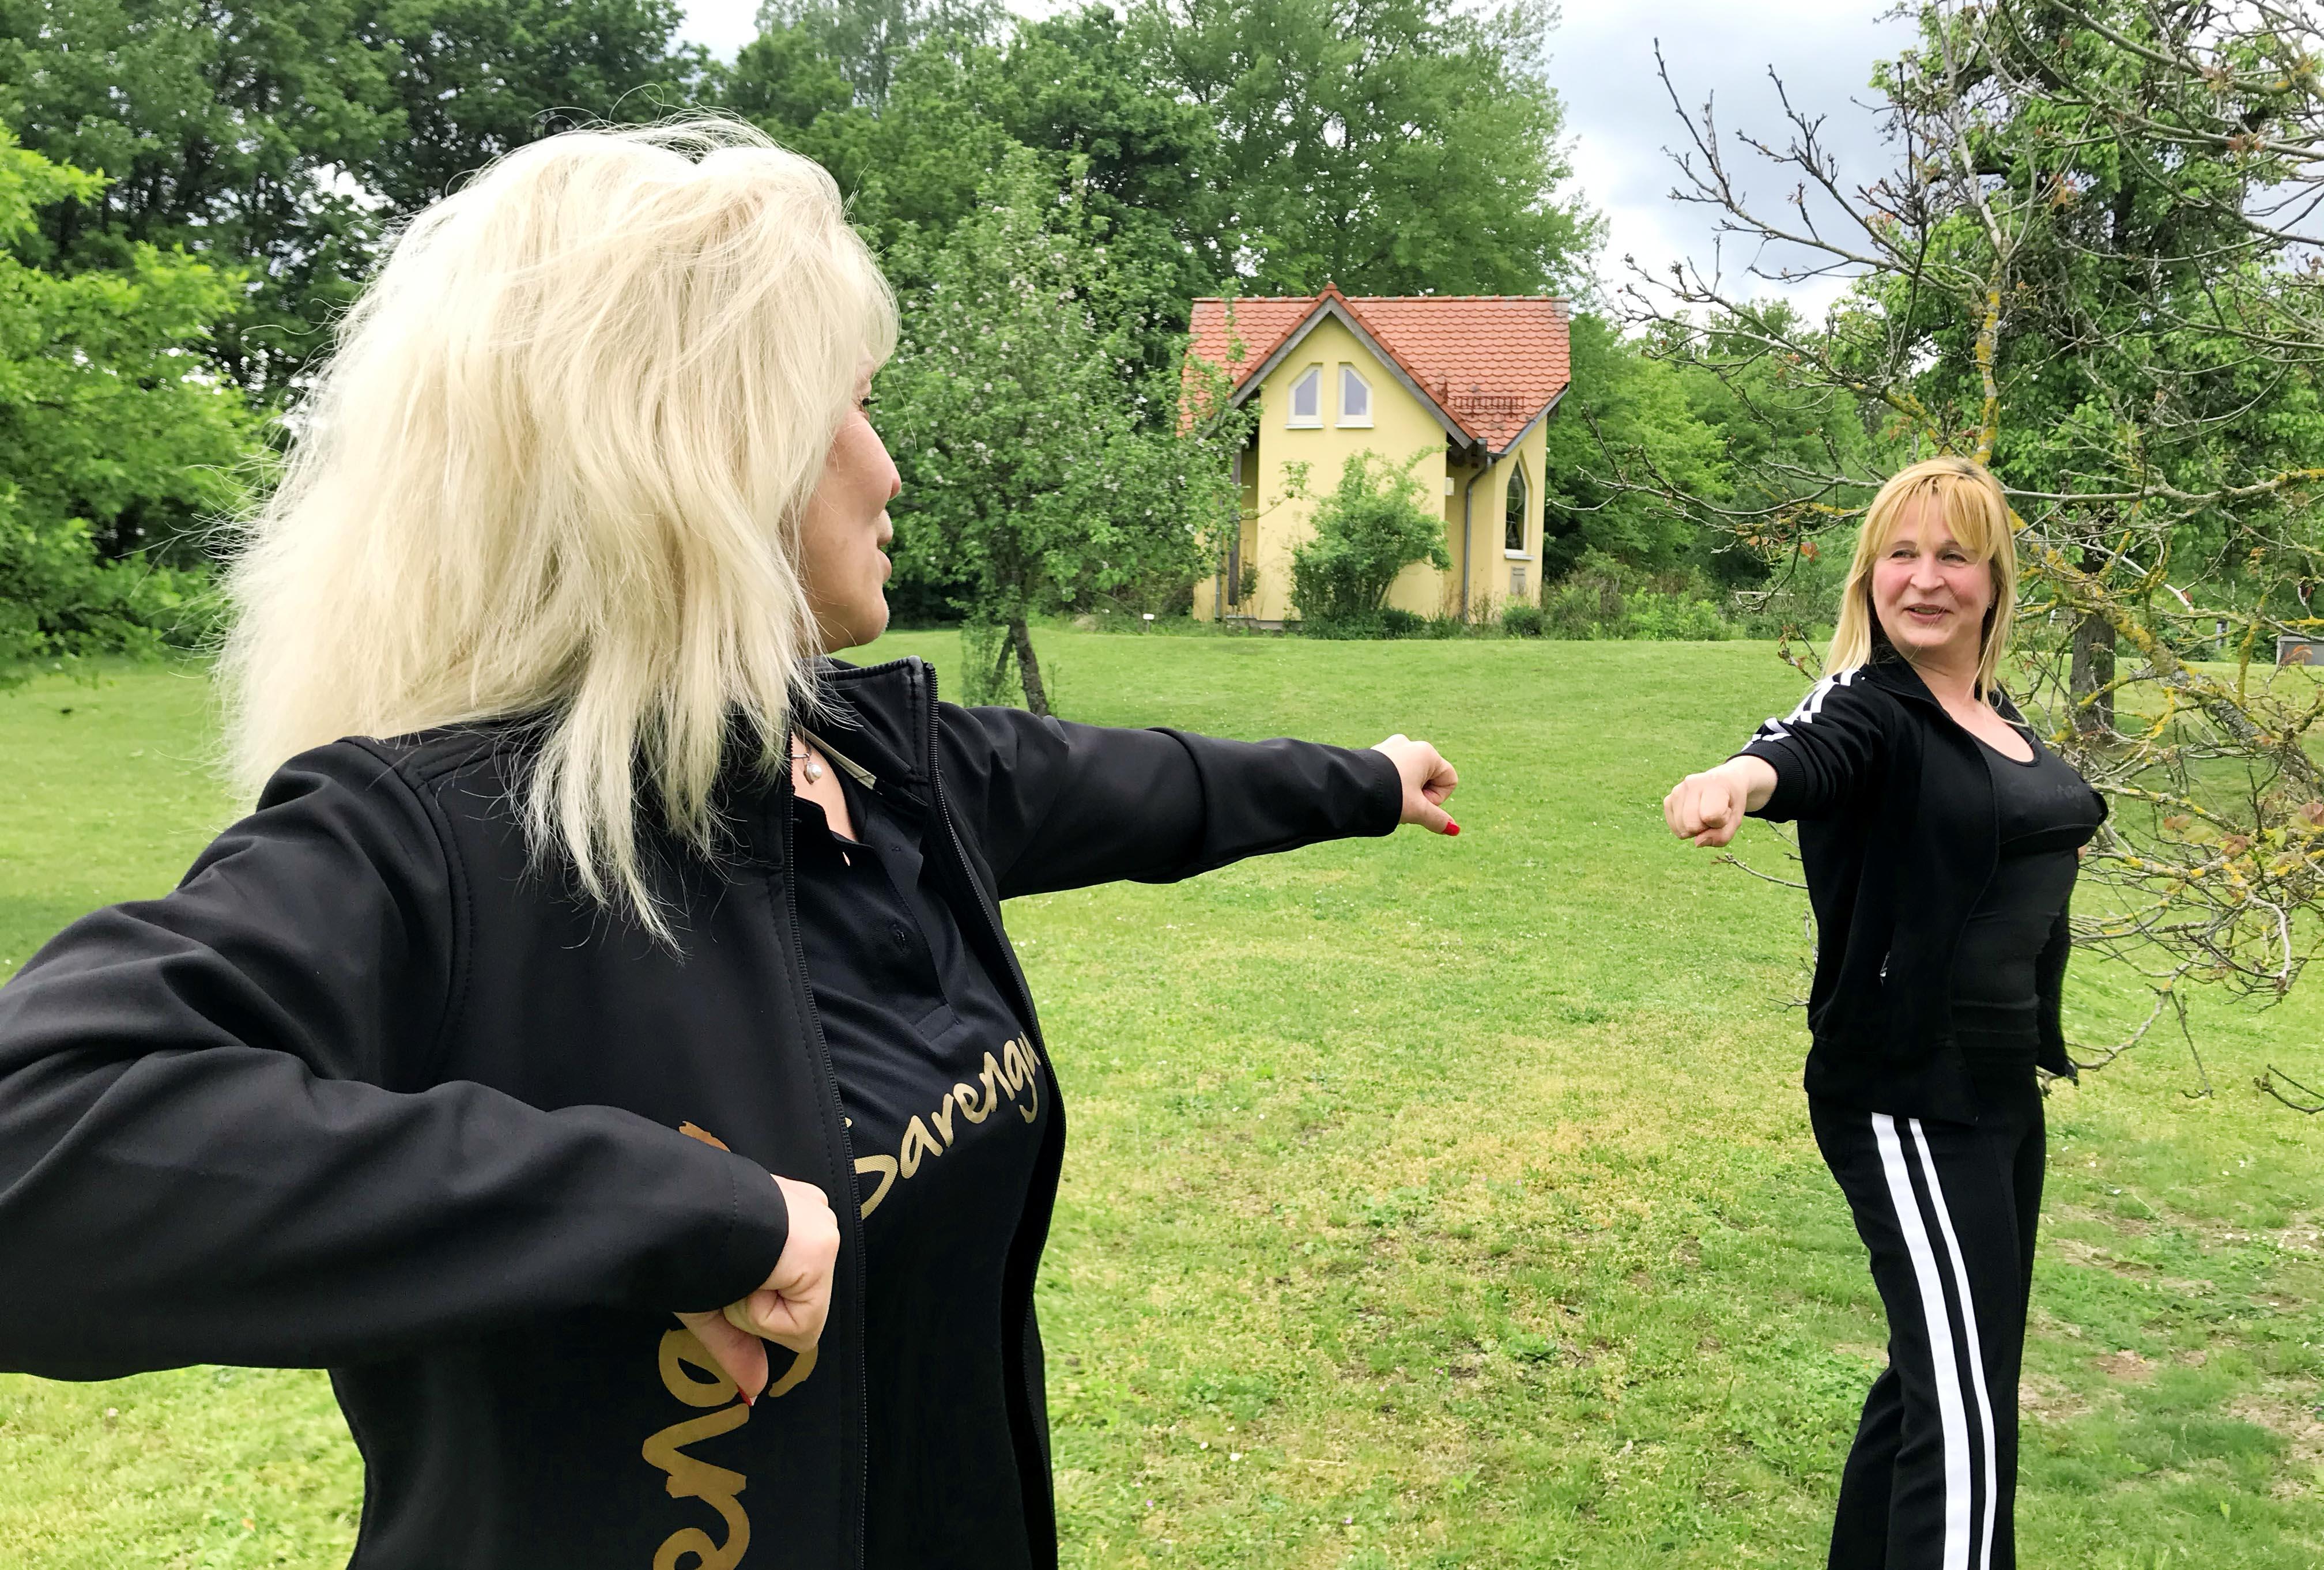 Lebenshilfe Nürnberger Land-Chef John war von der Sarengue-Vorführung von Larissa Hopferwieser (links) und Alexandra Bernhard (rechts) begeistert.